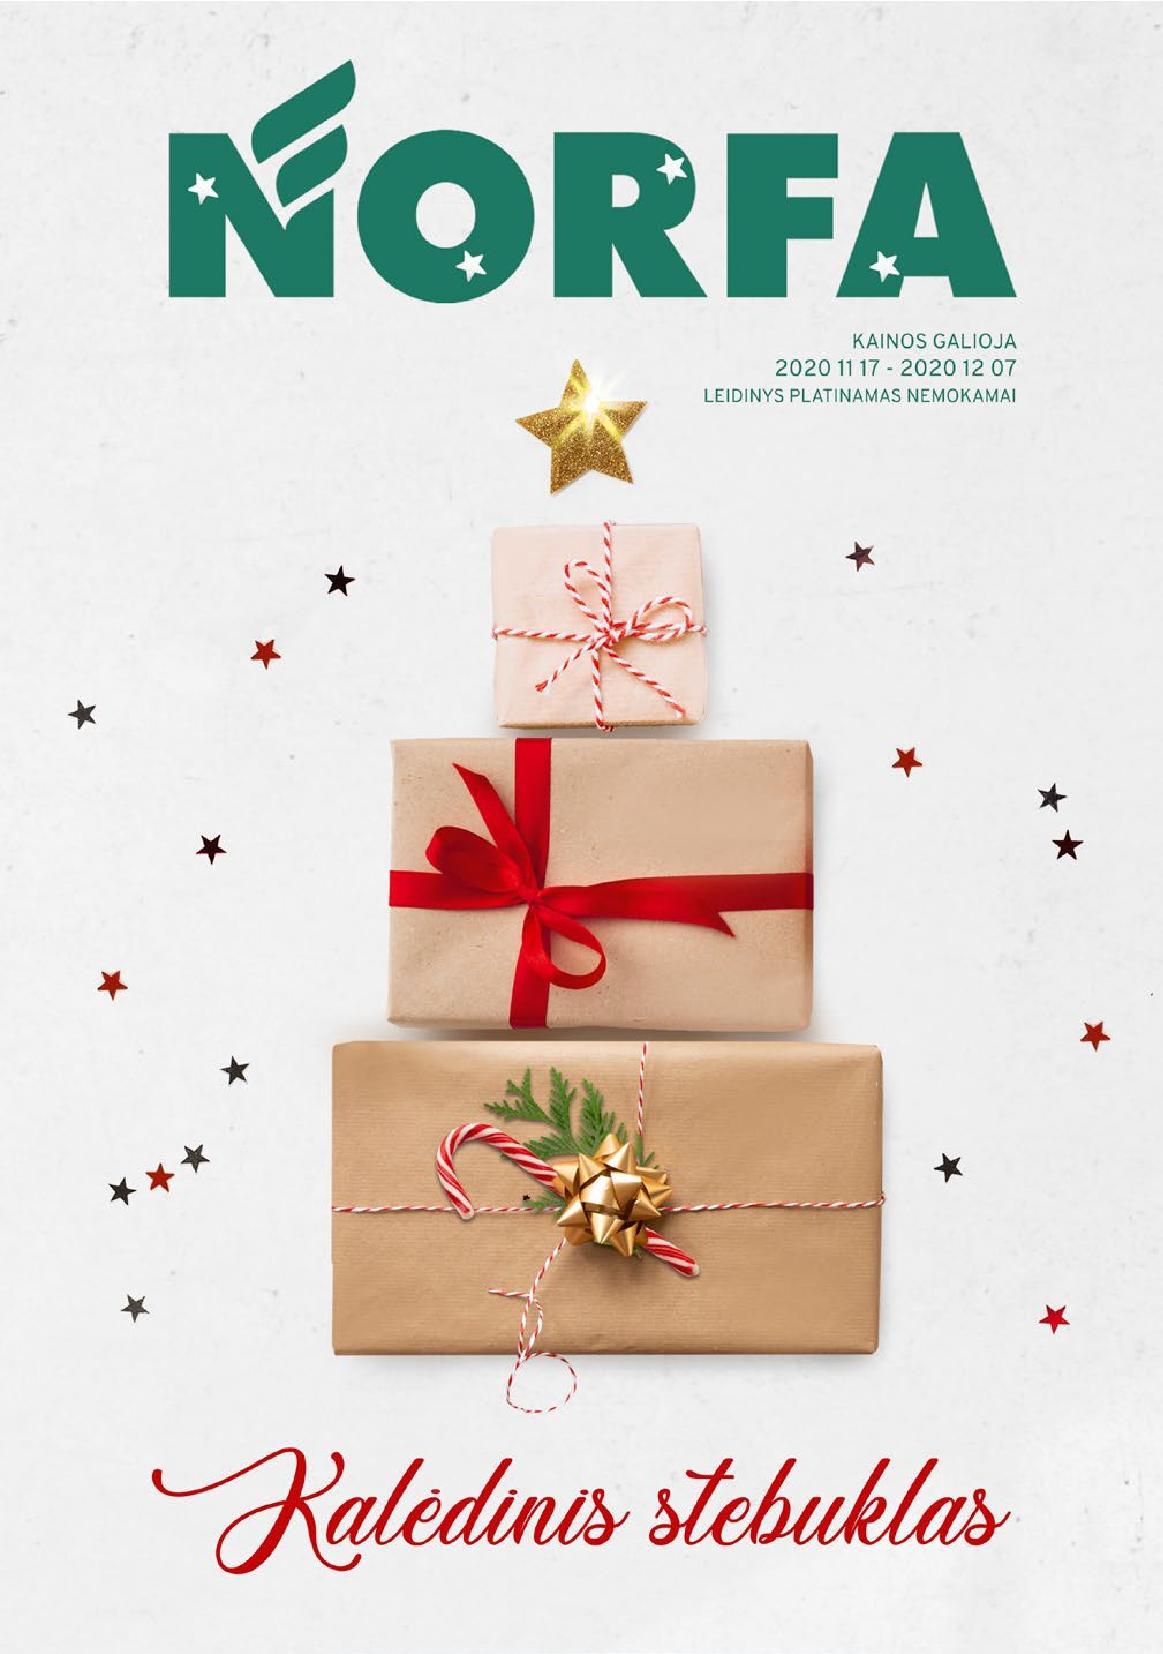 """NORFA šventinis katalogas """"KALĖDINIS STEBUKLAS"""" 2020.11.17 - 2020.12.07"""